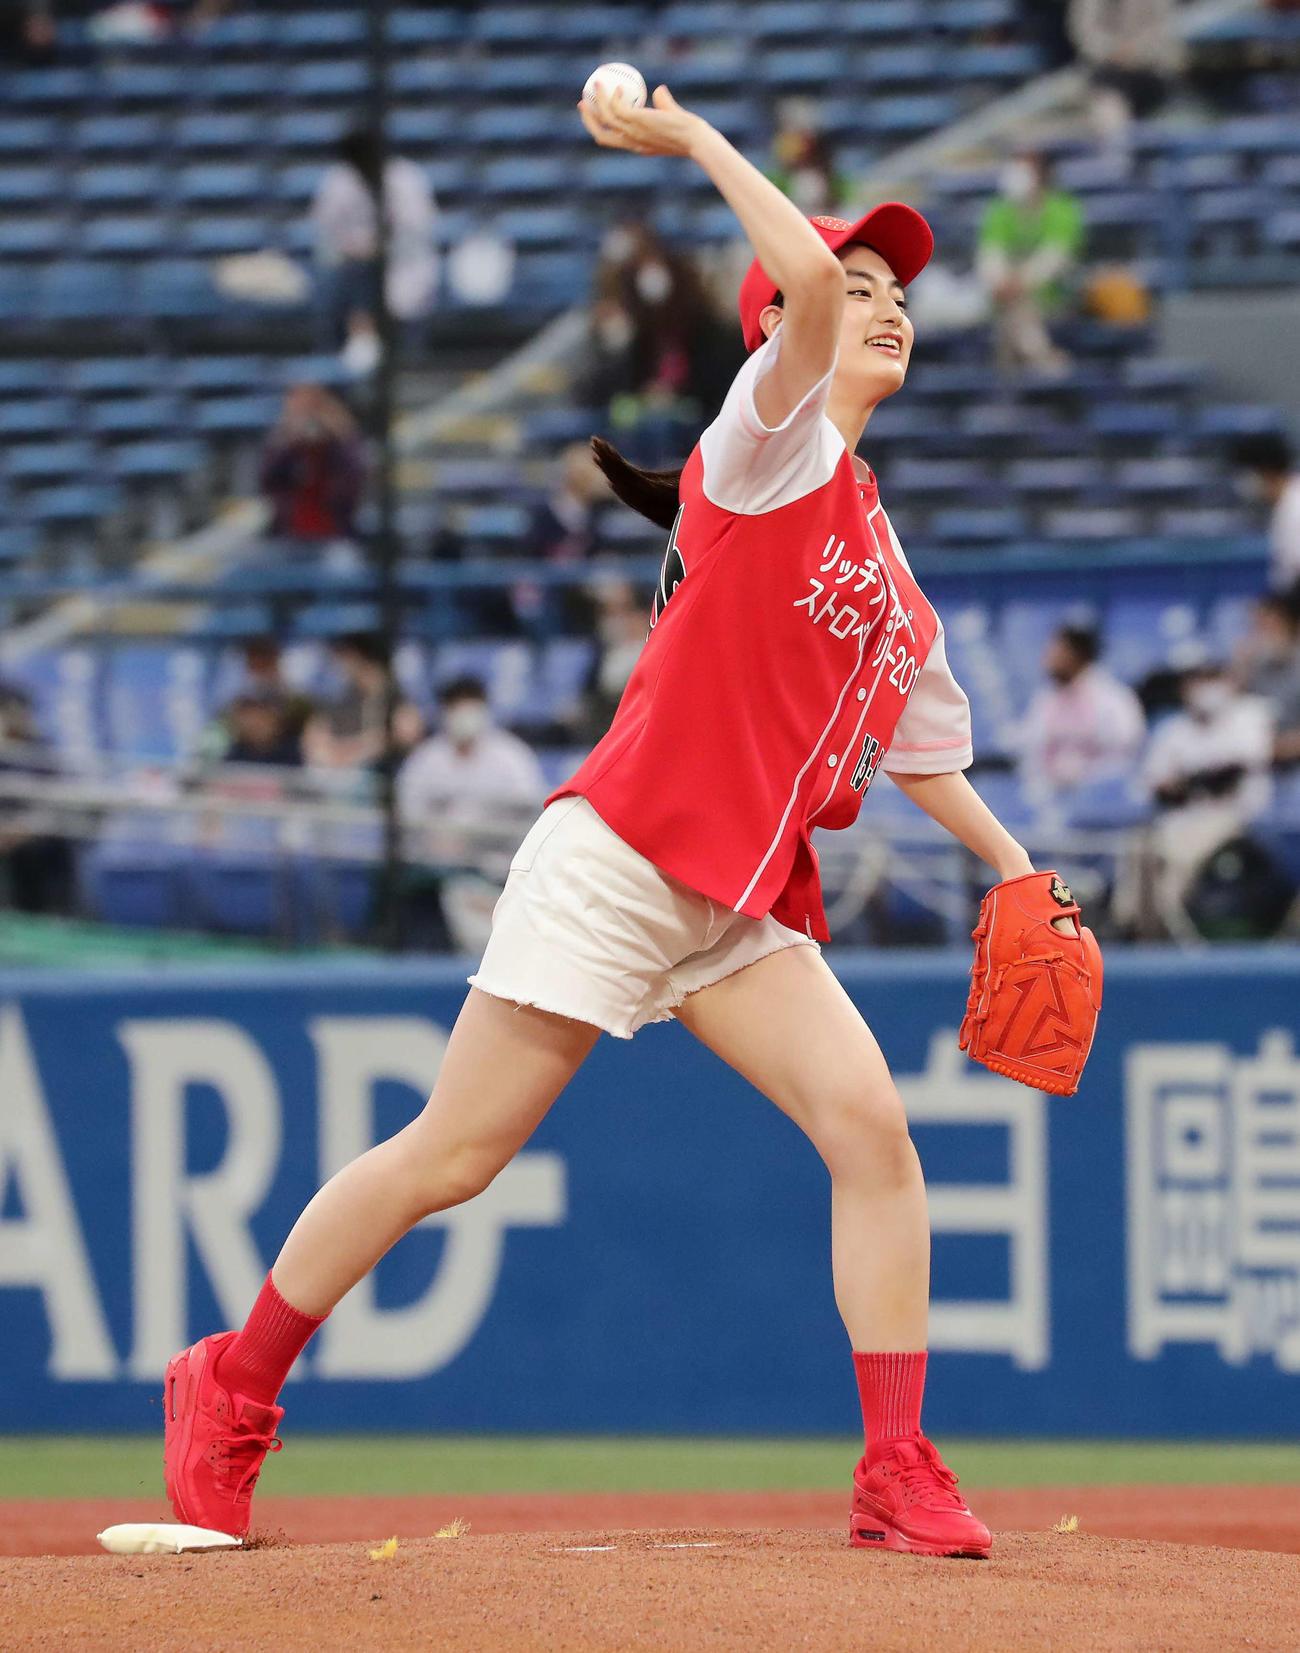 ヤクルト対広島 始球式を務めた八木莉可子(撮影・丹羽敏通)